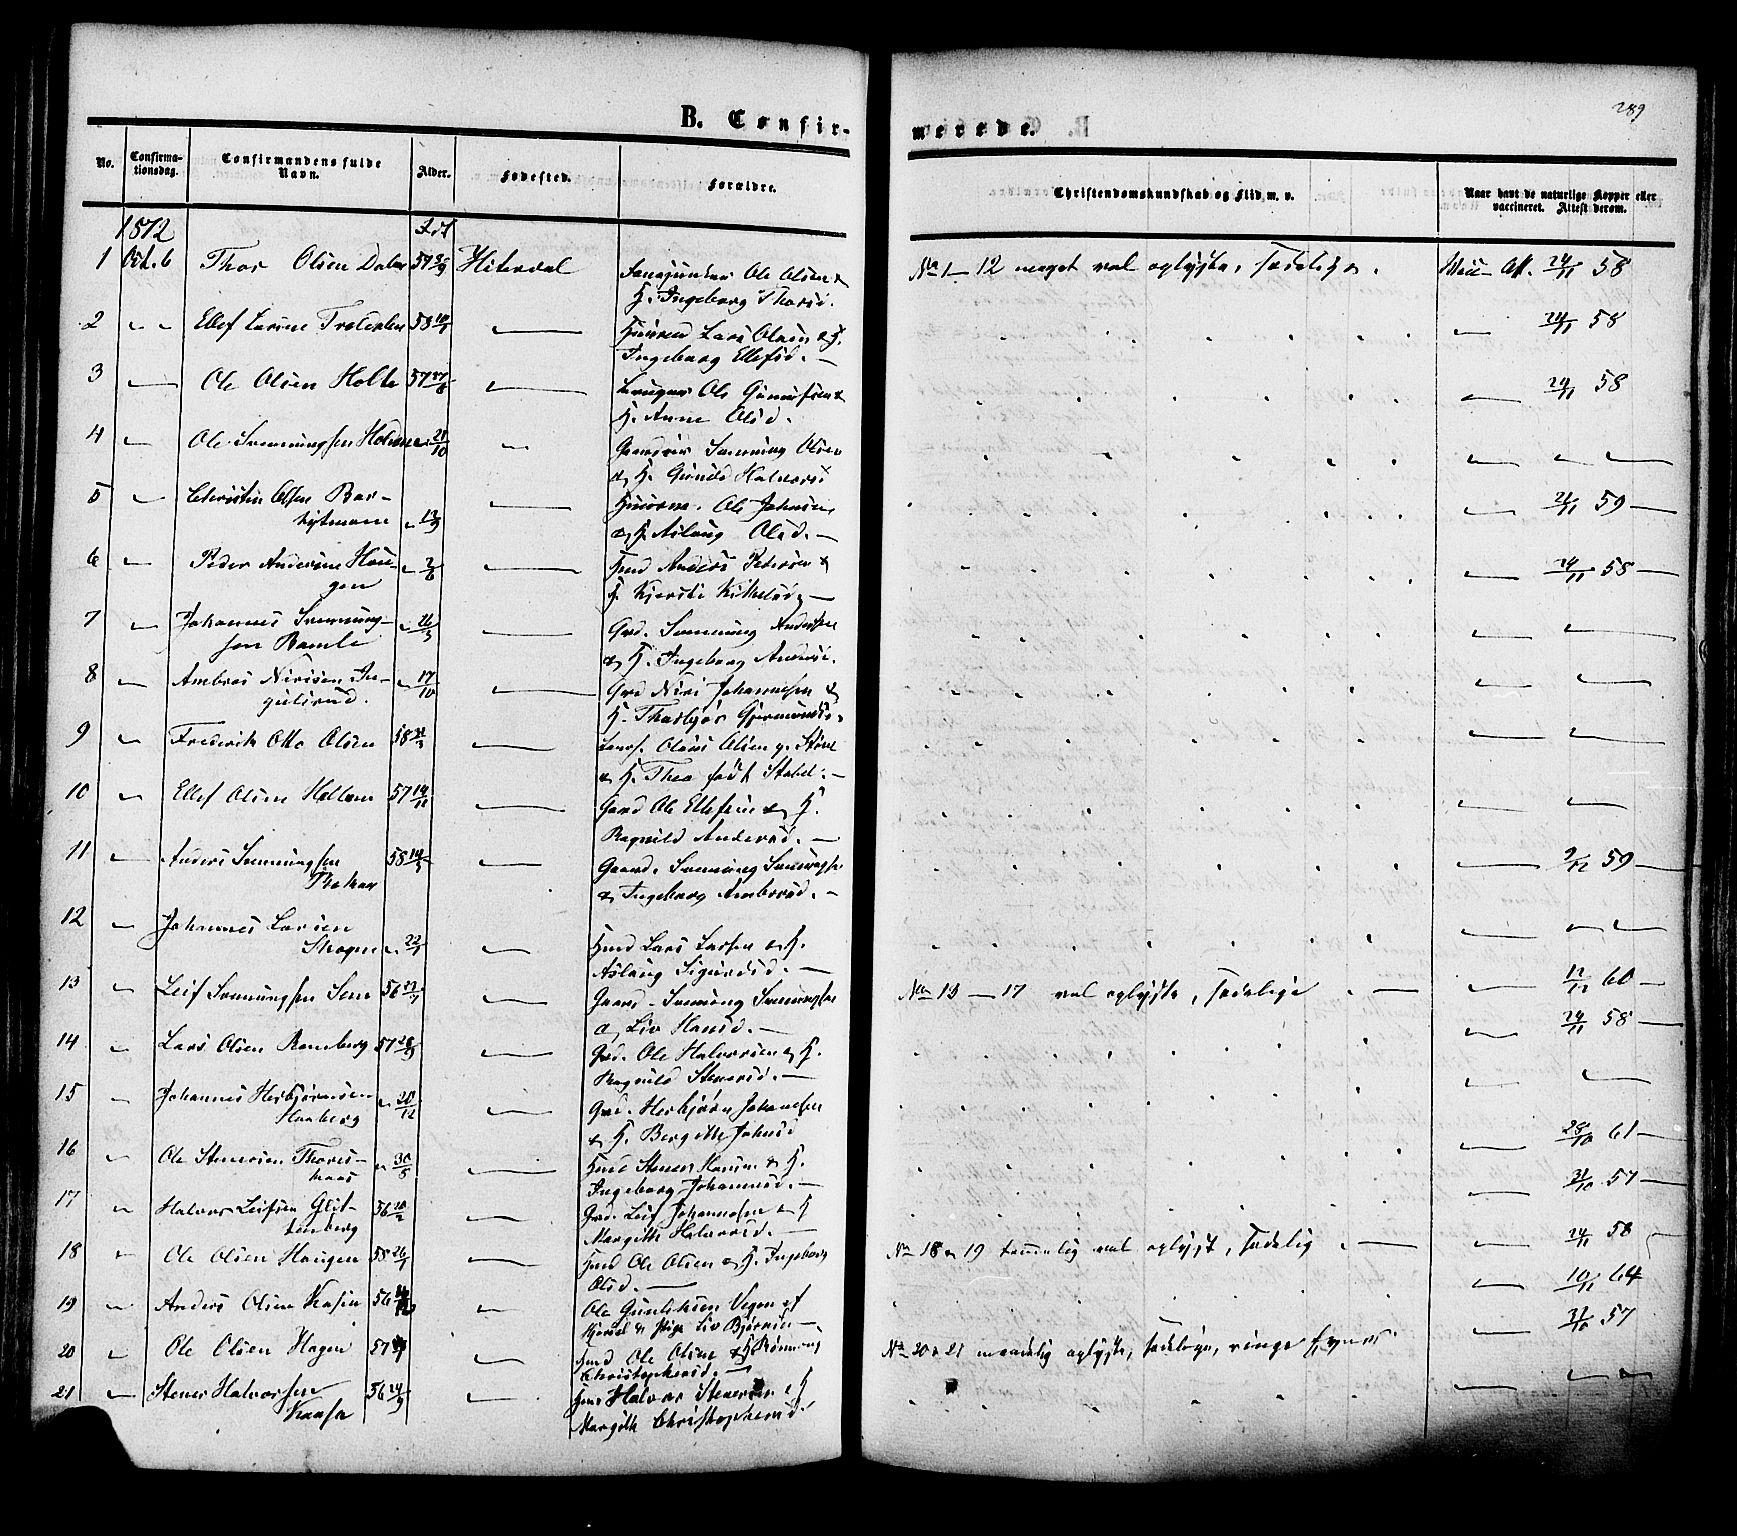 SAKO, Heddal kirkebøker, F/Fa/L0007: Ministerialbok nr. I 7, 1855-1877, s. 289